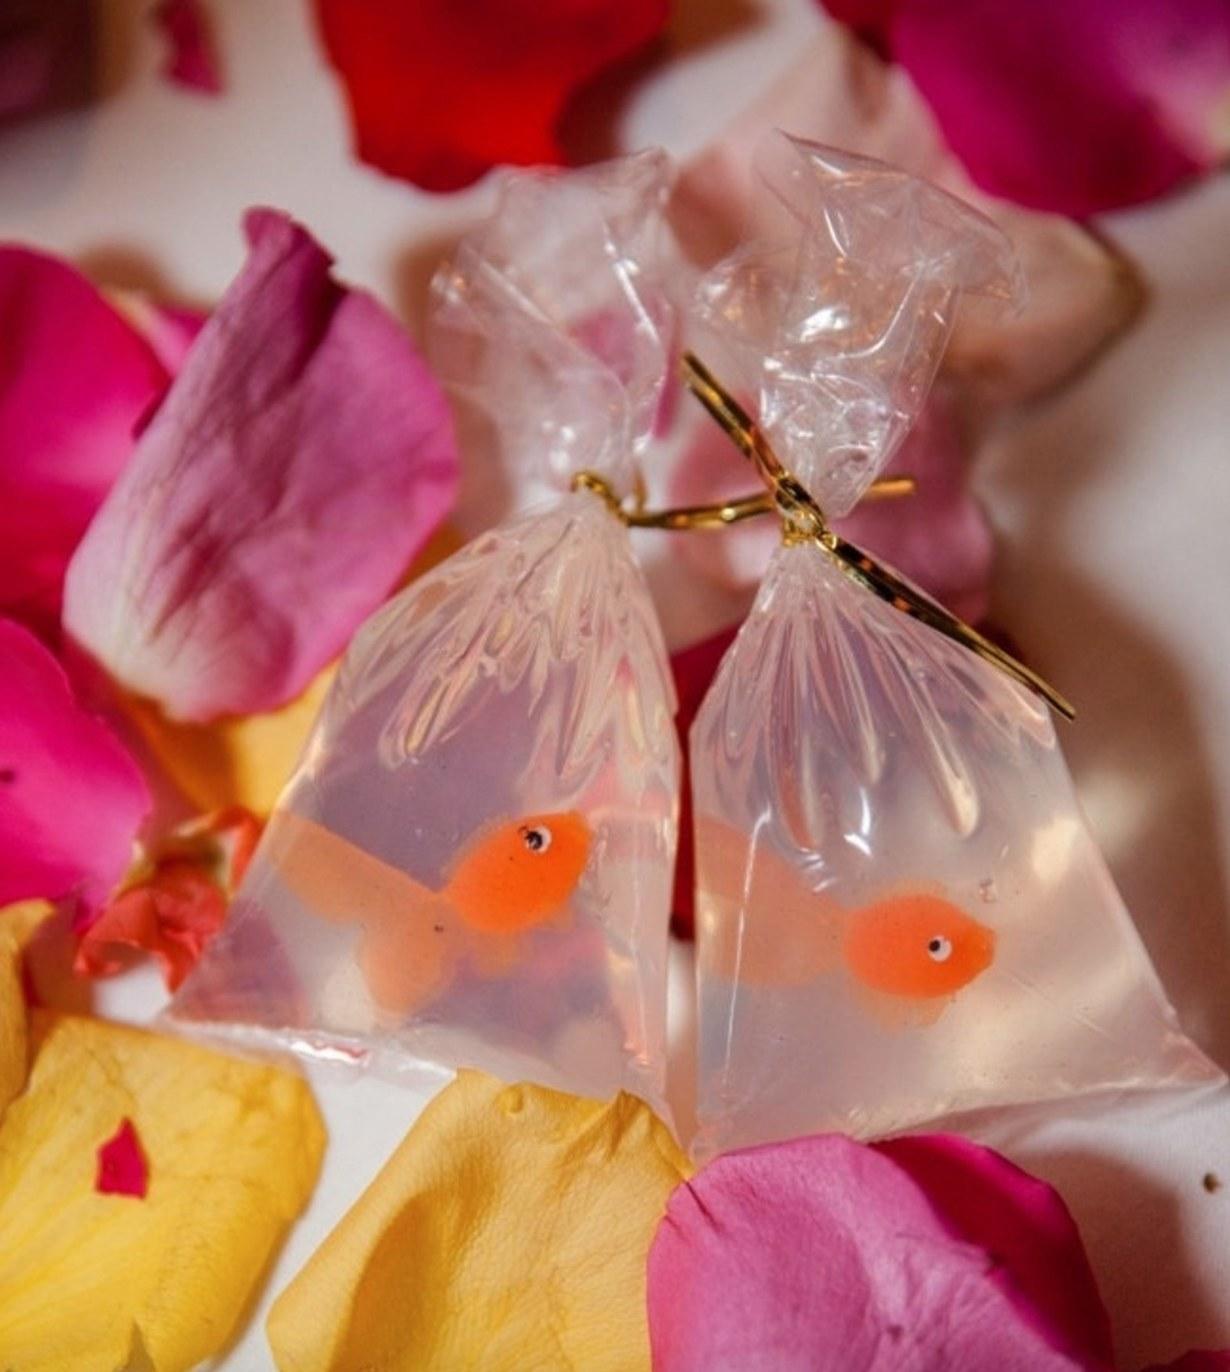 The bag of goldfish soap in orange